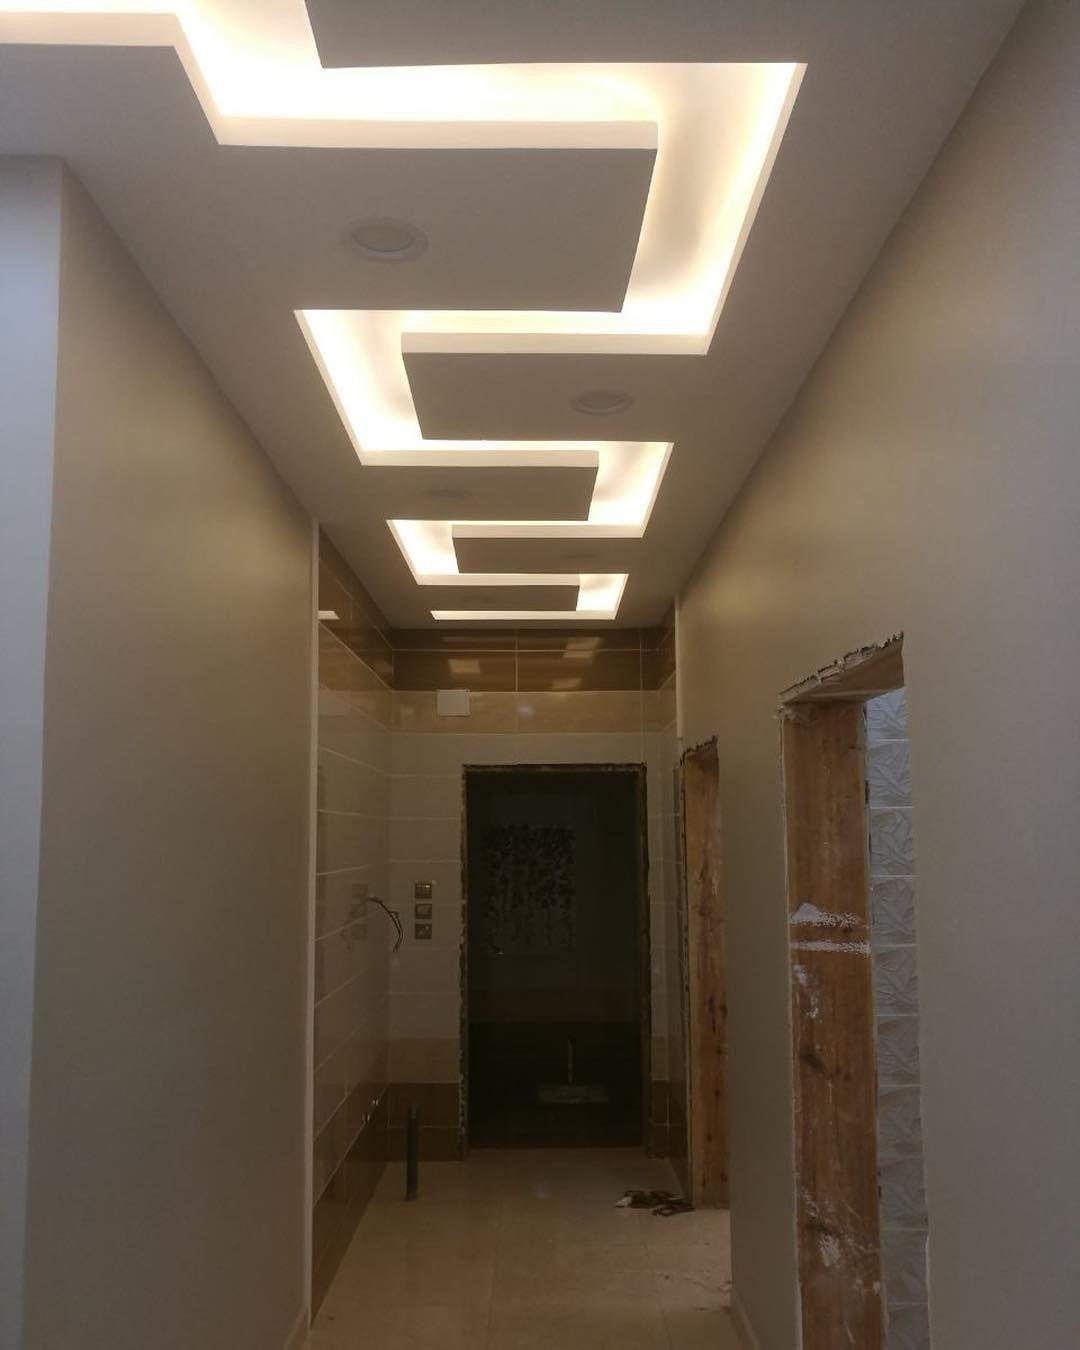 Ceiling Designs For Living Room Philippines: الجواد للديكور 03223715